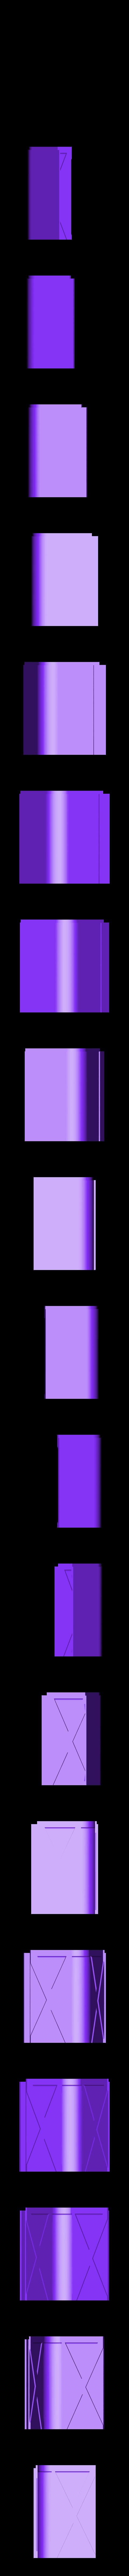 left_back_bottom.stl Télécharger fichier STL gratuit wanhao D7 boîtier, couvercle, couvercle, couvercle • Plan à imprimer en 3D, mariospeed